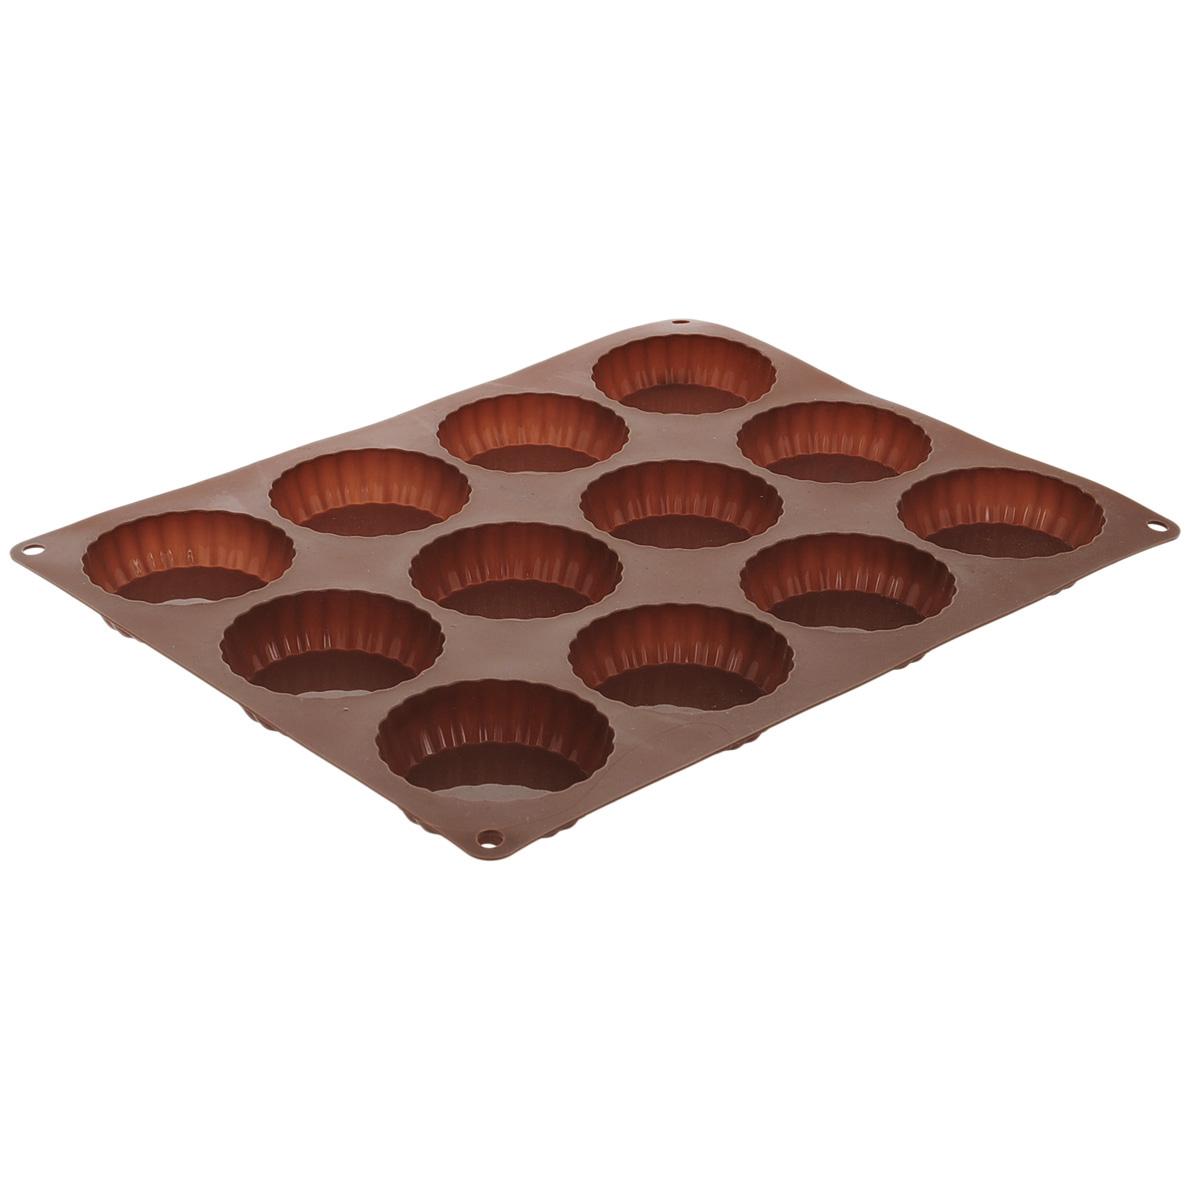 Форма для выпечки Taller Тарталетки, цвет: коричневый, 12 ячеекTR-6214Форма для выпечки Taller Тарталетки изготовлена из силикона - материала, который выдерживает температуру от -40°С до +230°С. Изделия из силикона очень удобны в использовании: пища в них не пригорает и не прилипает к стенкам, форма легко моется. Приготовленное блюдо можно очень просто вытащить, просто перевернув форму, при этом внешний вид блюда не нарушится. Изделие обладает эластичными свойствами: складывается без изломов, восстанавливает свою первоначальную форму. Форма содержит 12 ячеек для приготовления тарталеток. Порадуйте своих родных и близких любимой выпечкой в необычном исполнении. Подходит для приготовления в микроволновой печи и духовом шкафу при нагревании до +230°С; для замораживания до -40°С и чистки в посудомоечной машине. Размер формы: 34 см х 27 см. Диаметр ячейки: 7,5 см. Высота стенок: 2 см. Количество ячеек: 12 шт.